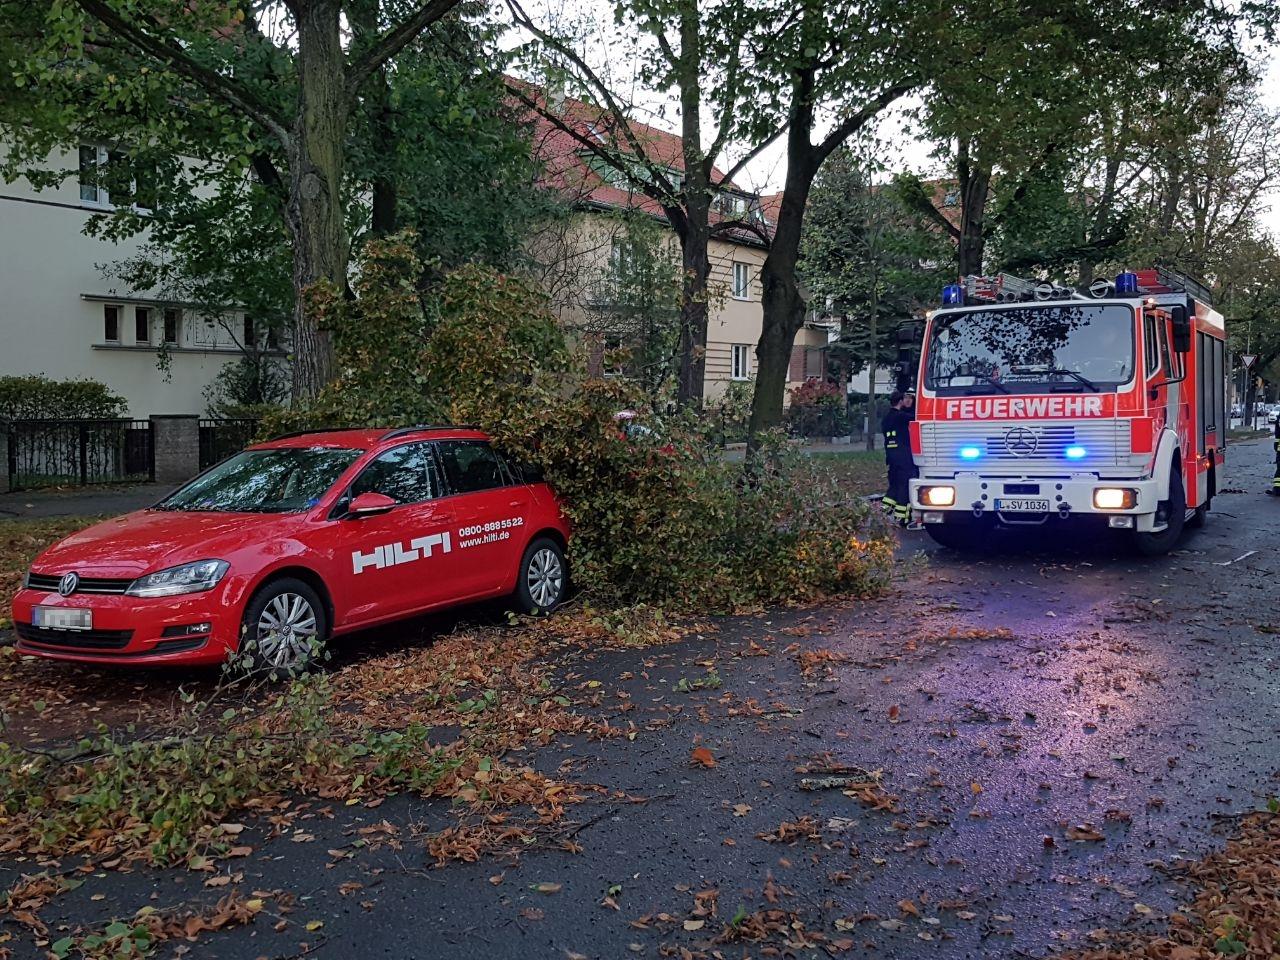 166_TH1_Baum-auf-Straße_02